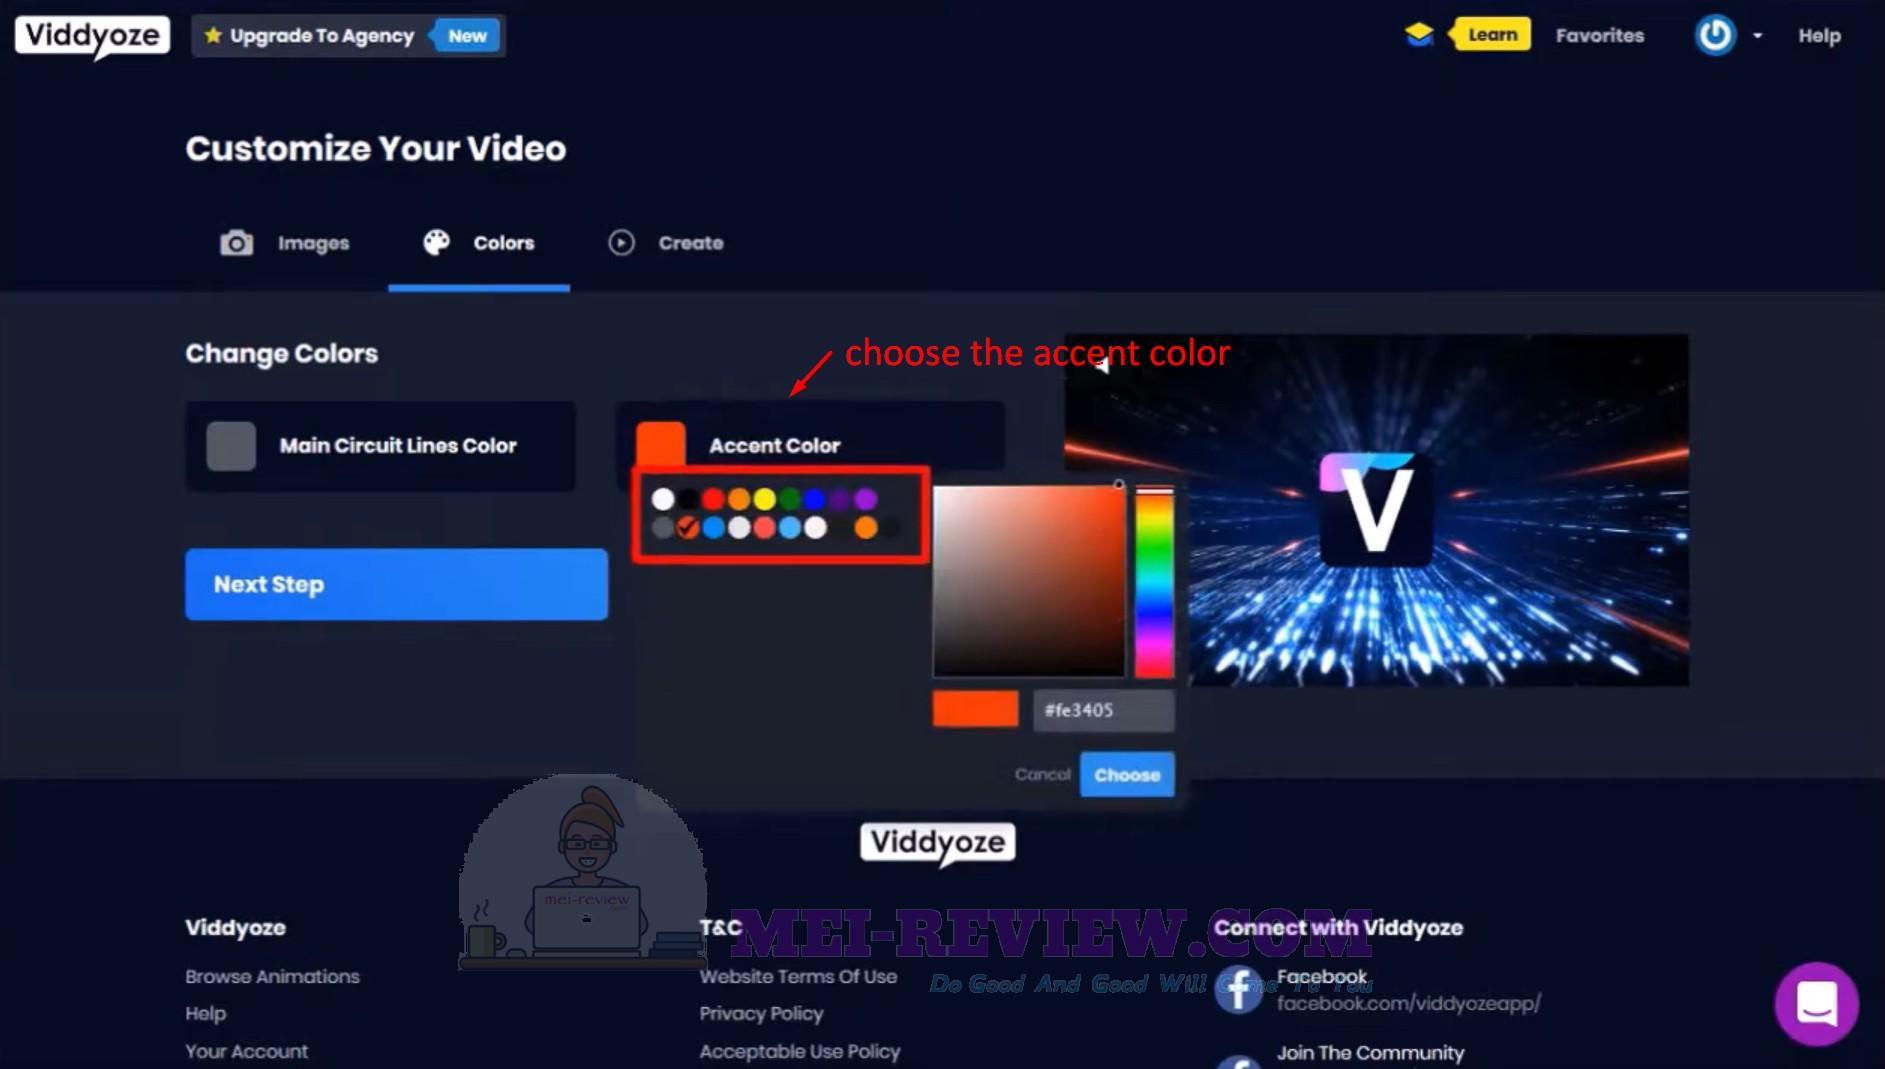 Viddyoze-Step-8-accent-color